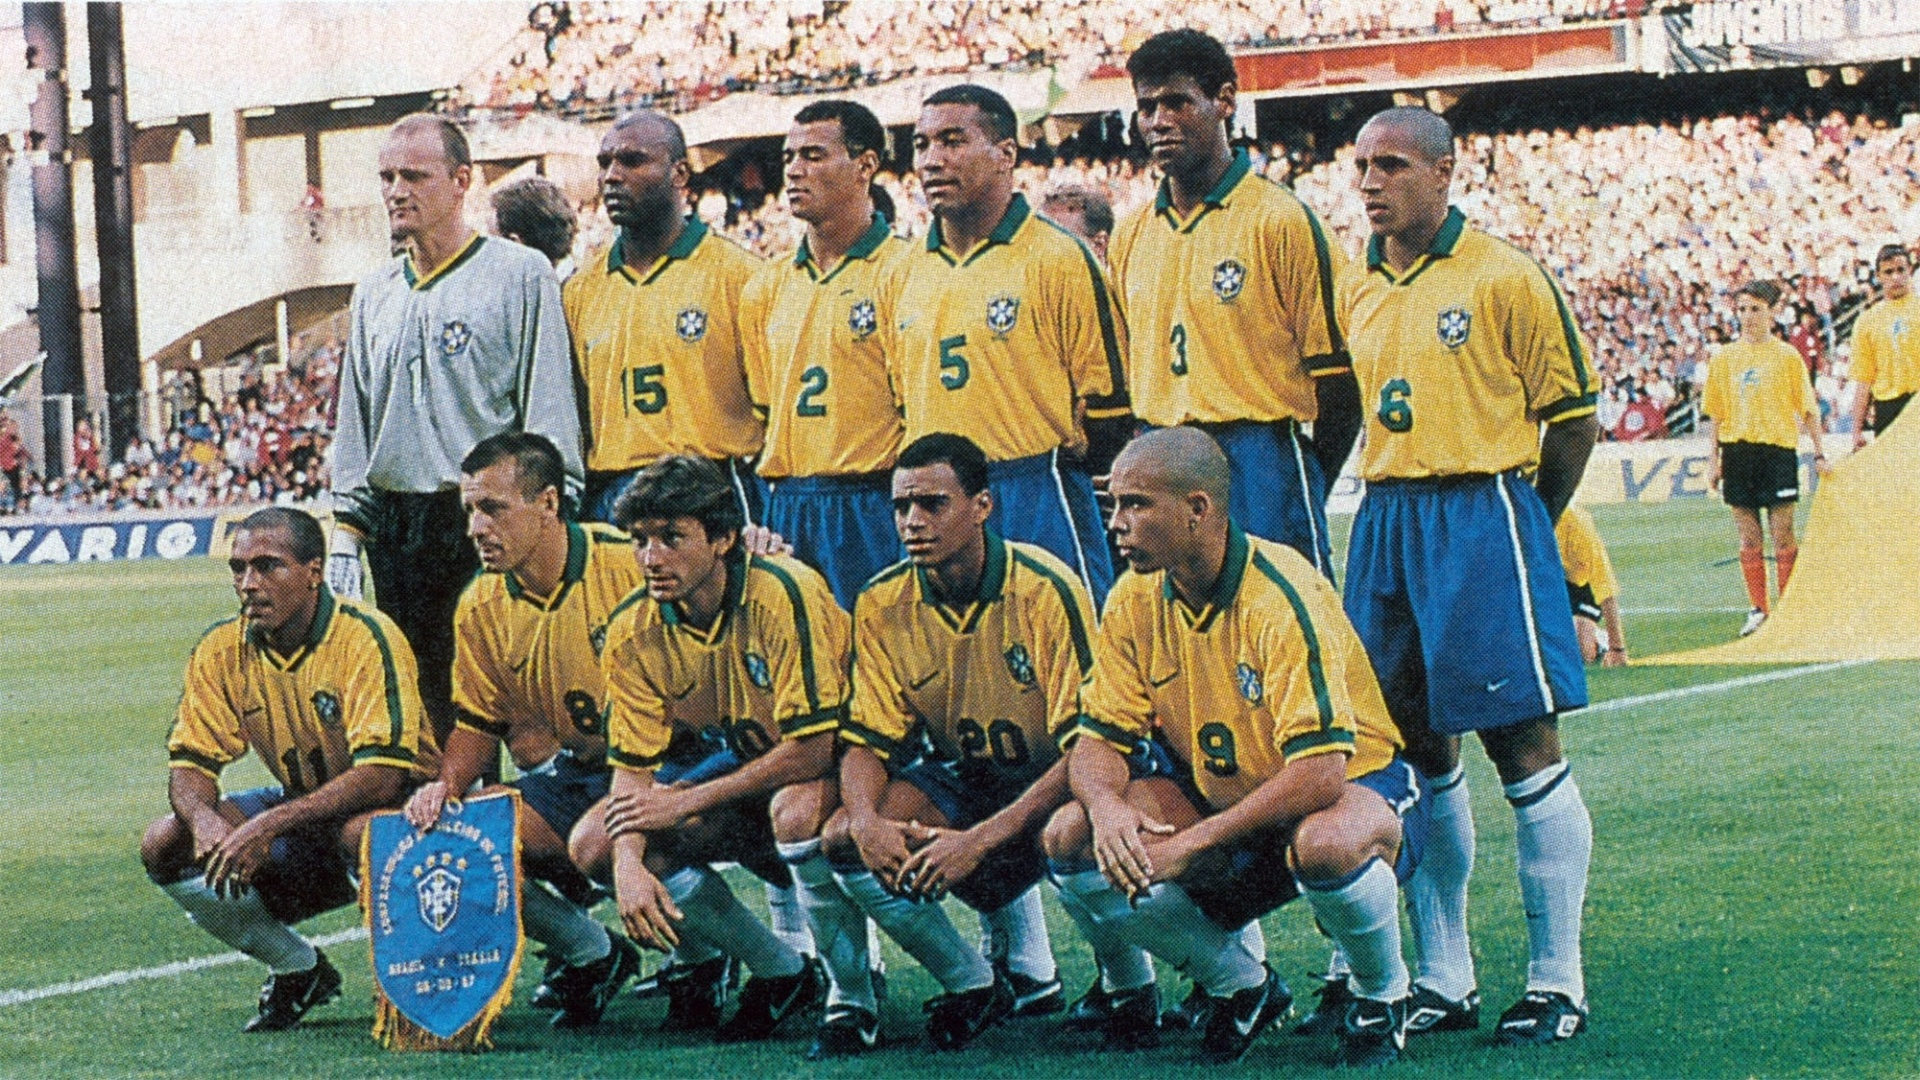 Torcedor apaixonado da seleção brasileira, Harley Lima Fernandes tem um acervo com mais de três mil fotos posadas da equipe. Esta foi tirada antes do jogo contra a Itália, em junho de 1997, pelo Torneio da França